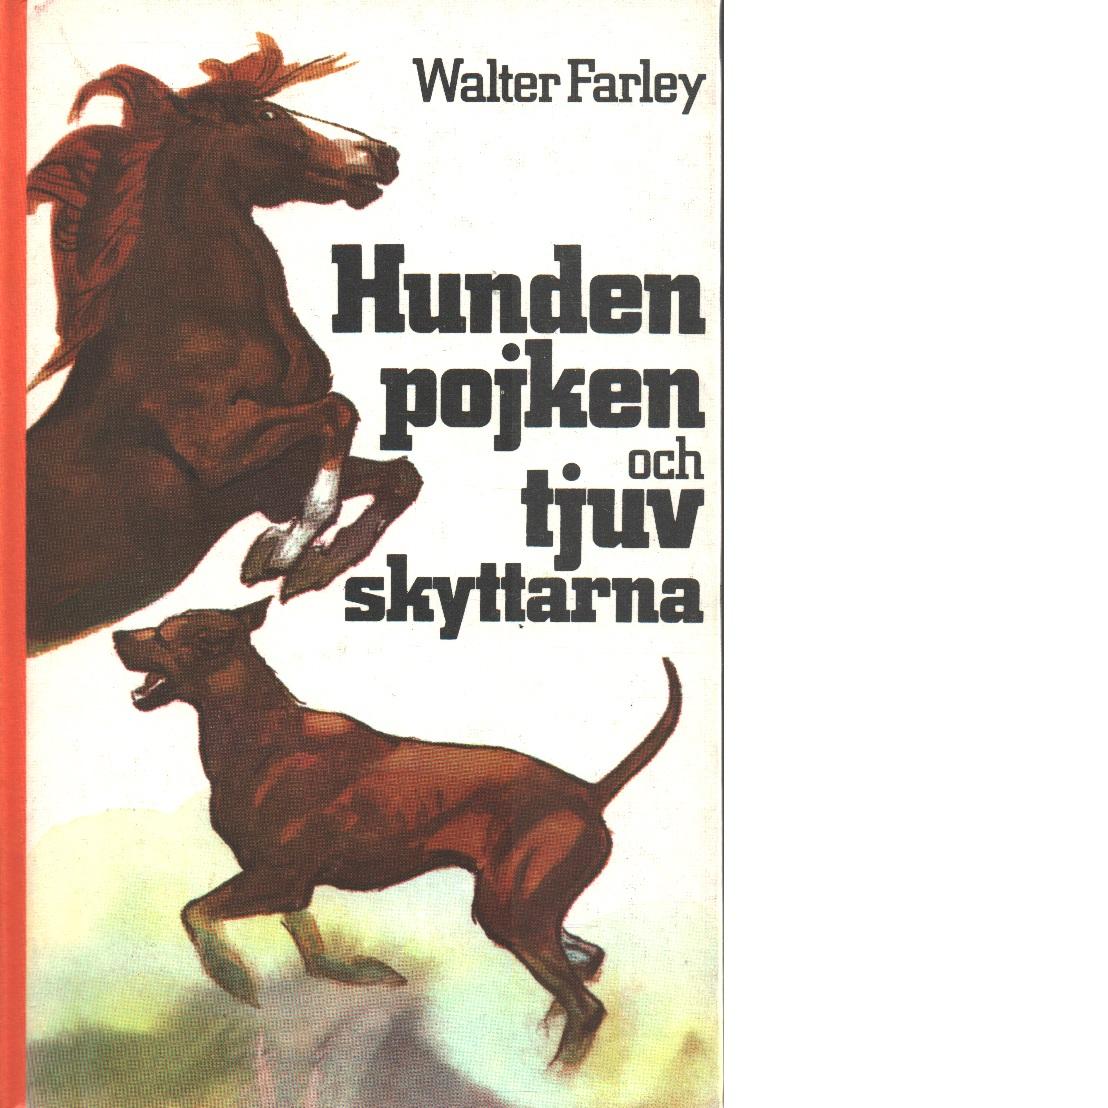 Hunden pojken och tjuvskyttarna - Farley, Walter